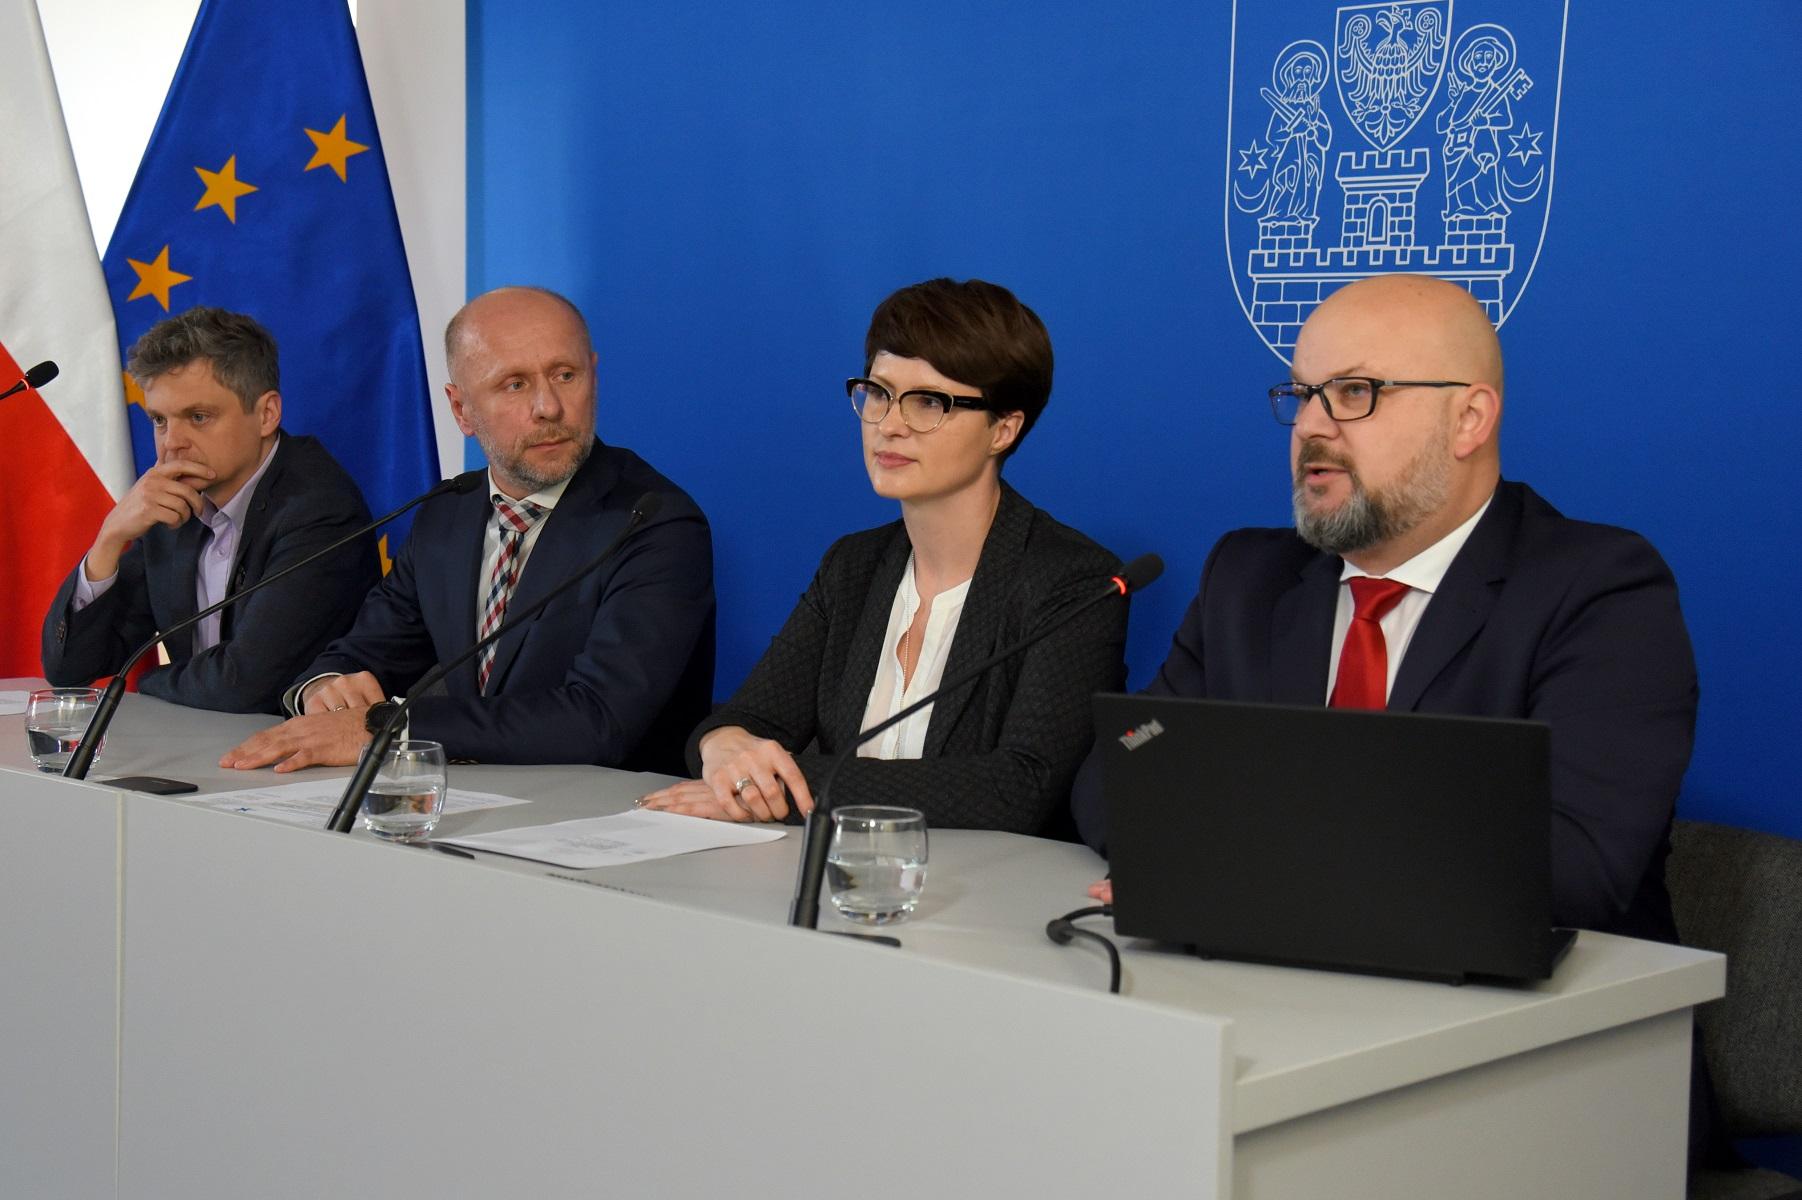 Z kontroli wynika, że Poznańska Instalacja Termicznego Przekształcania Odpadów Komunalnych (ITPOK) nie wpływa na pogorszenie jakości powietrza (fot. UMP)